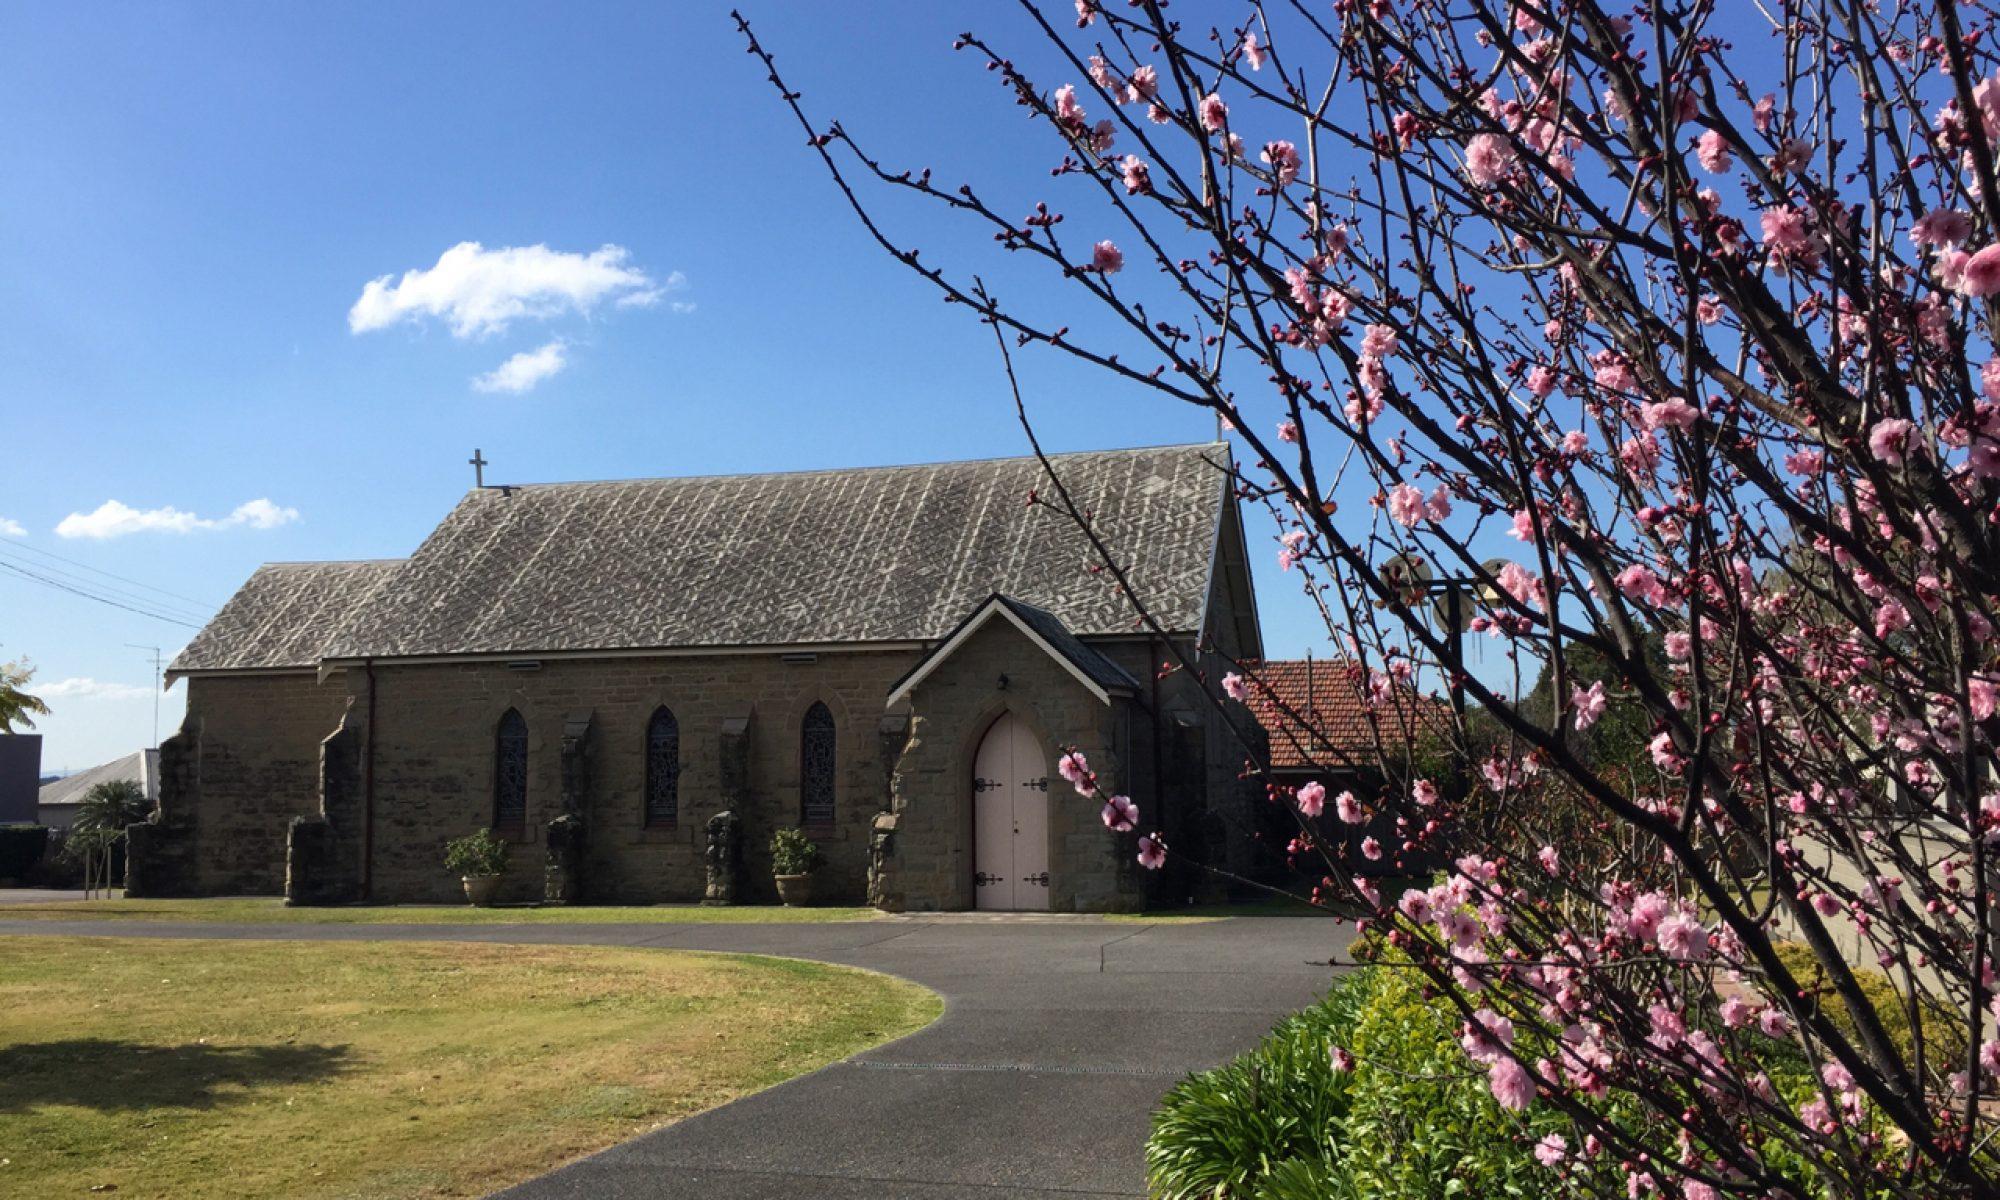 St Lukes Wallsend